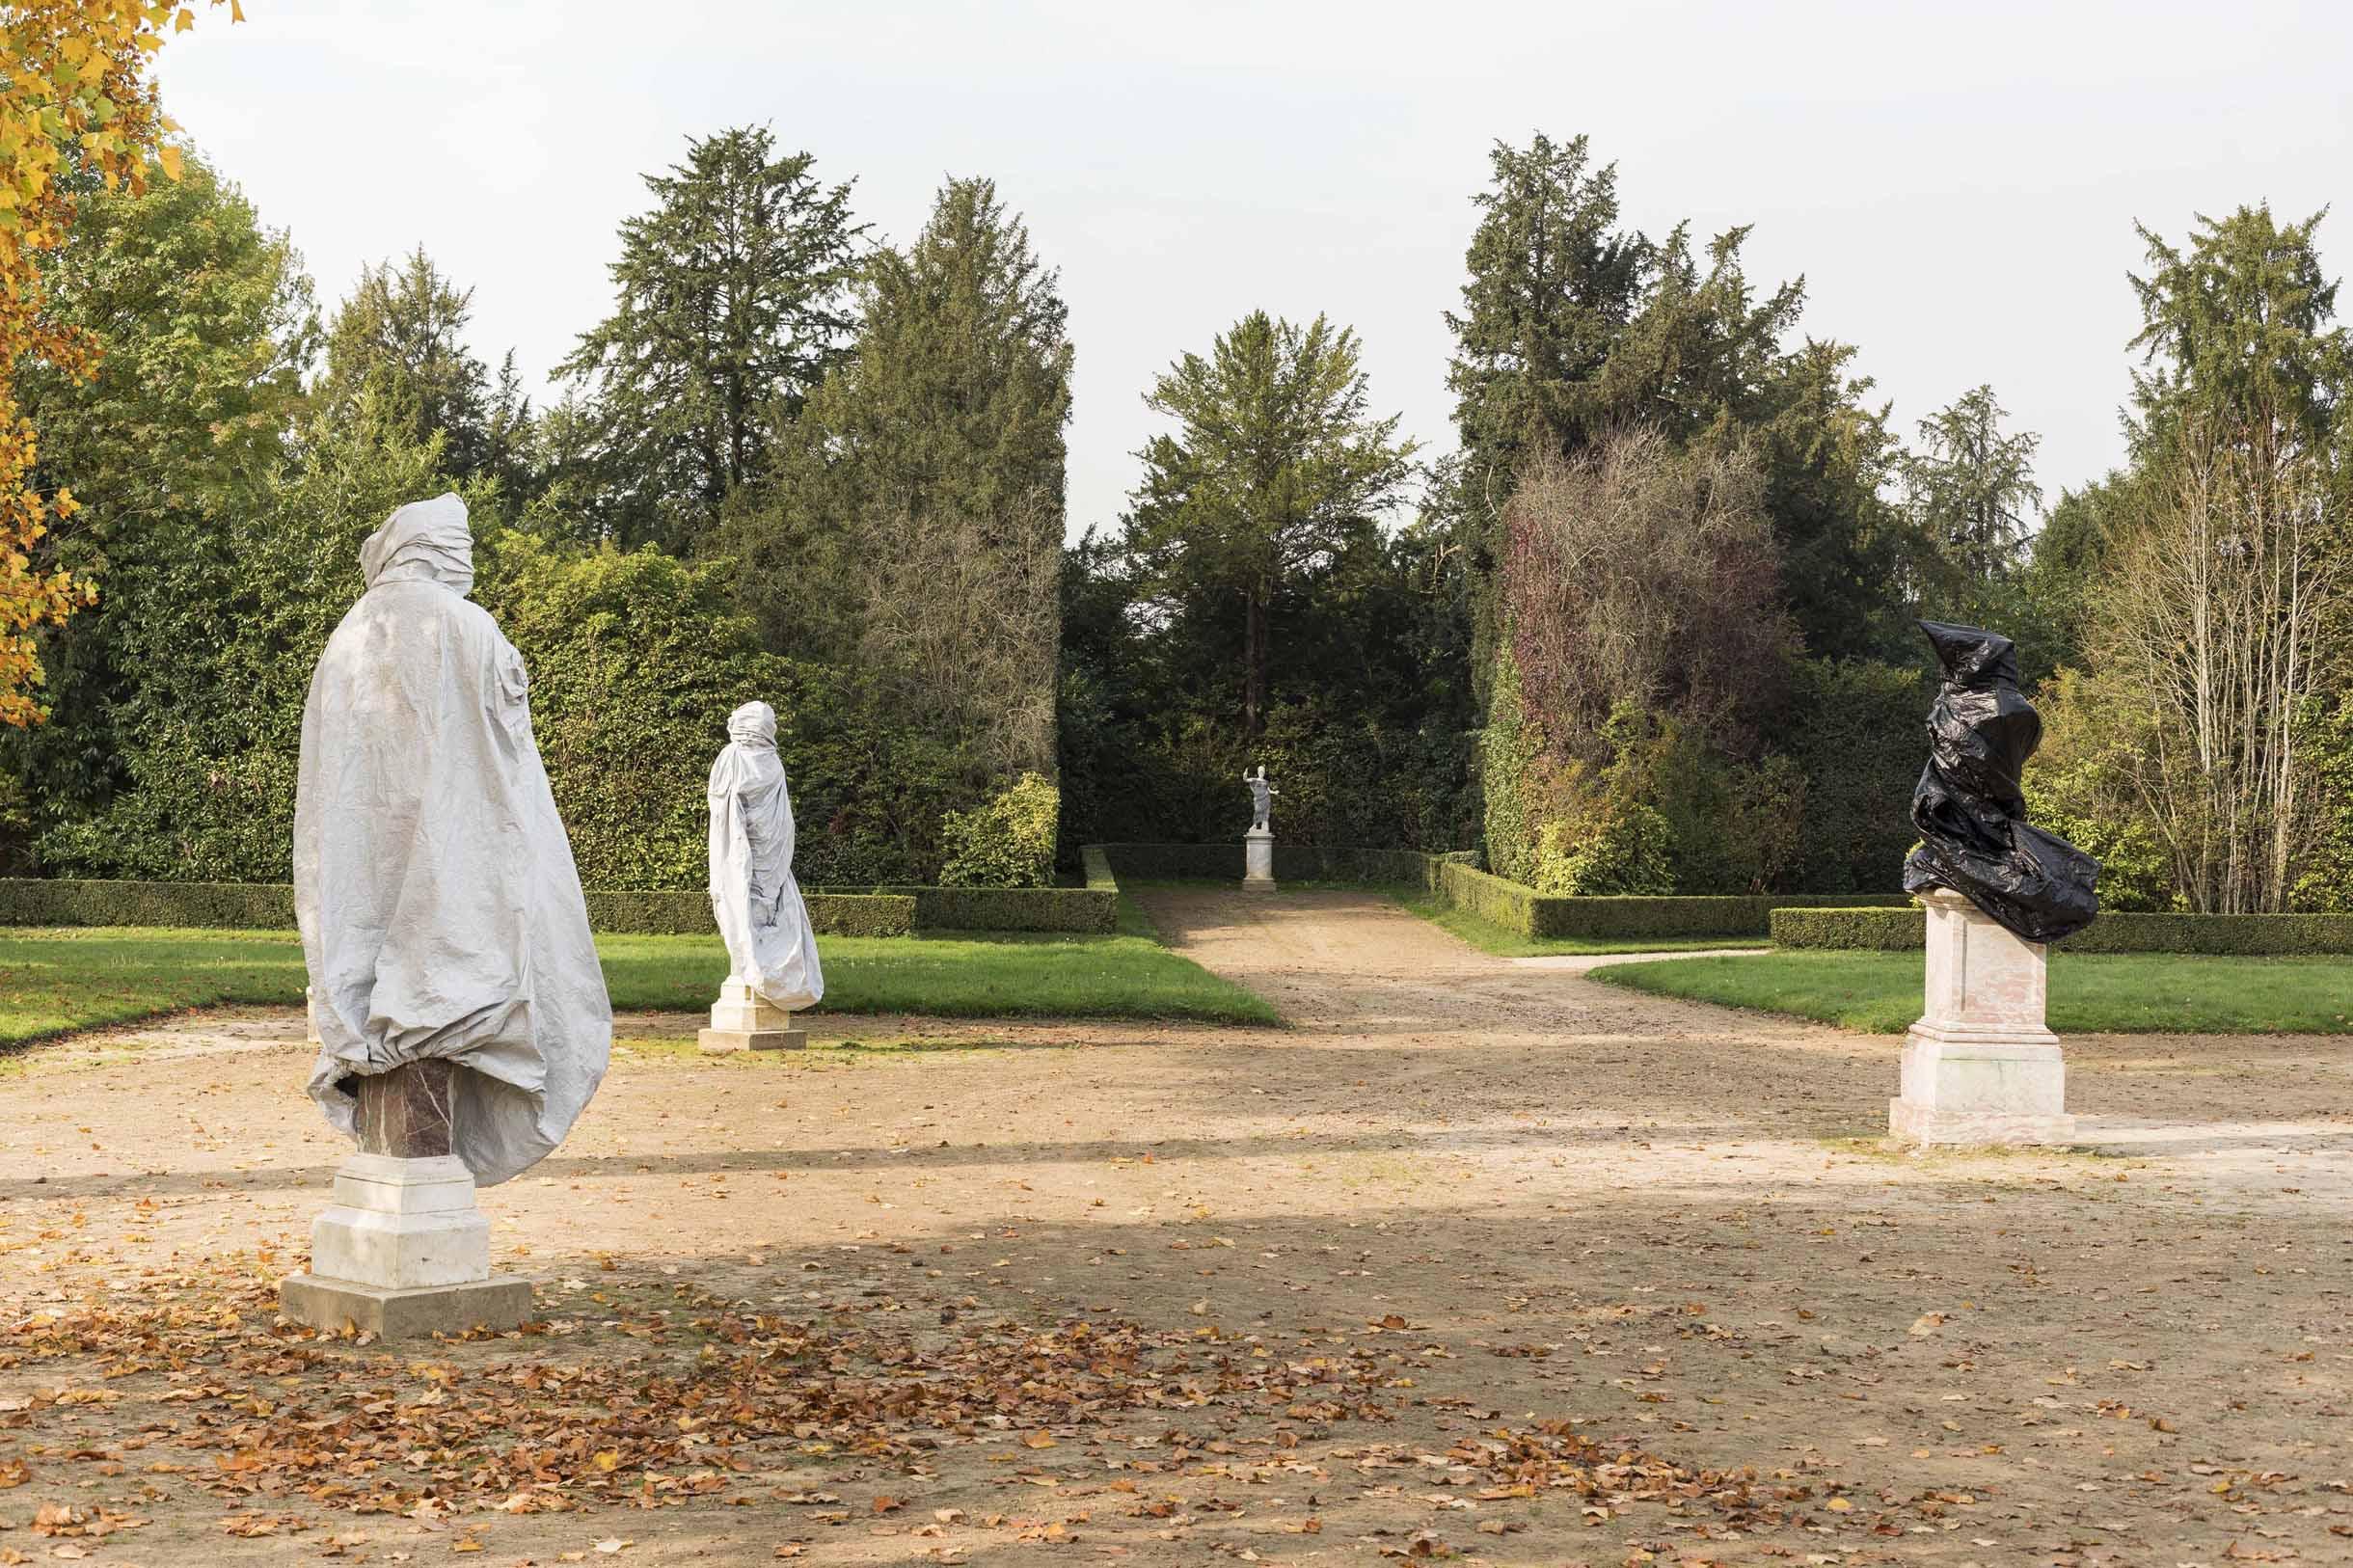 Aménagé en 1778, le Bosquet de la Reine voit apparaître des statues de marbre et de bronze différentes, habillées. L'oeuvre de Rick Owens est une oeuvre textile, le créateur de mode enveloppe les corps de marbres dans un drapés, transformant leur identité. / Rick Owens, untitled, 2017, Courtesy Rick Owens